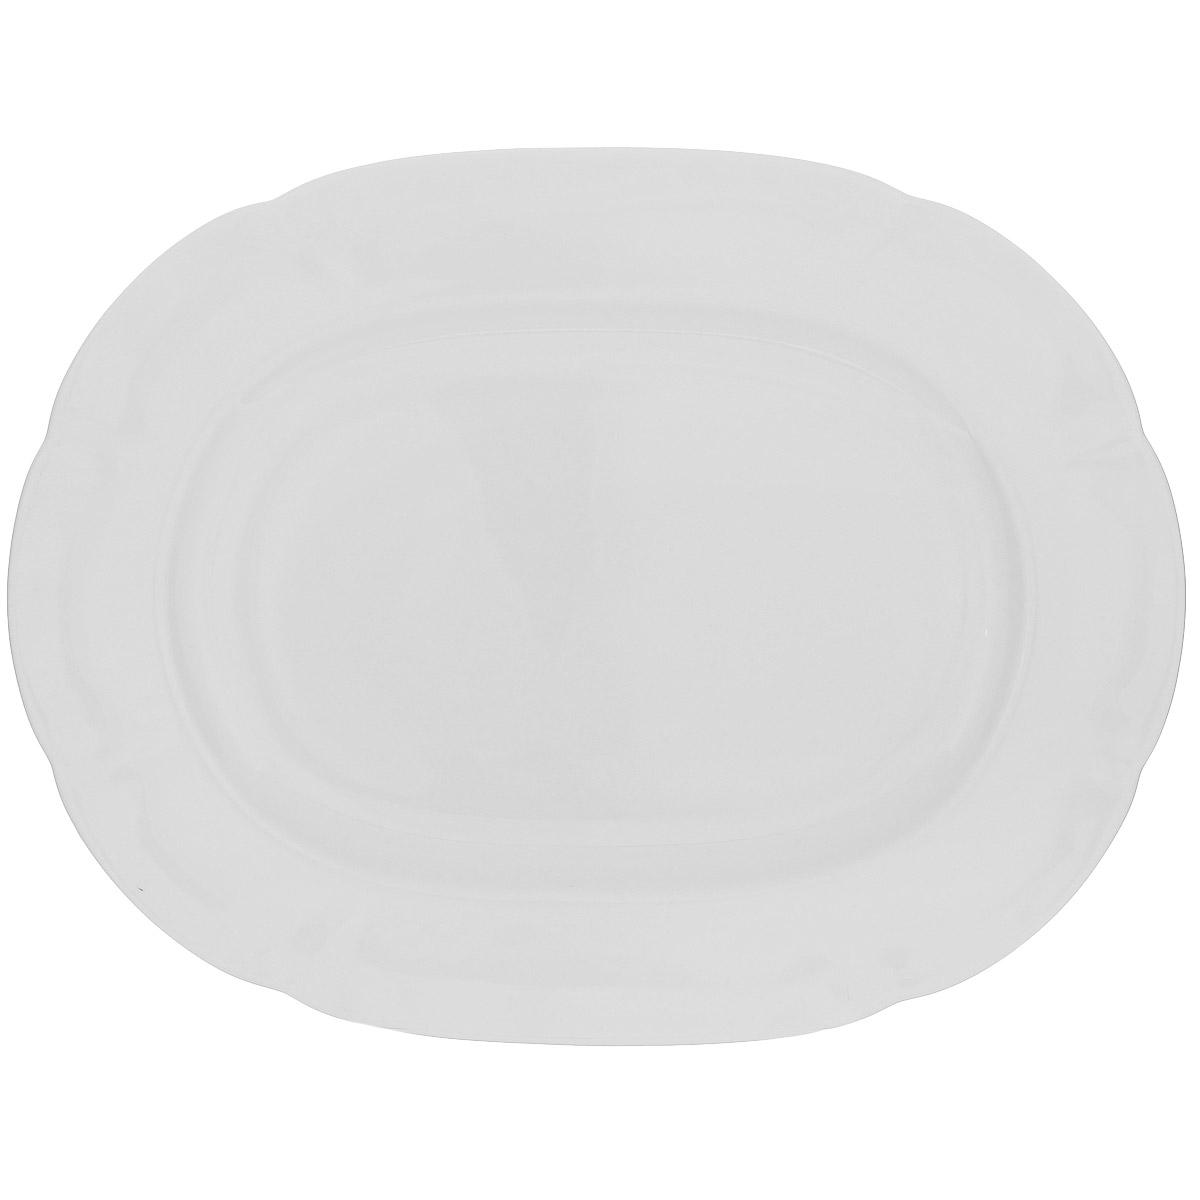 Блюдо Royal Bone China White, 32 х 25 см89ww/0310Овальное блюдо Royal Bone China White прекрасно подойдет для подачи различных блюд и закусок. Изделие выполнено из особого фарфора с 45% содержанием костяной муки. Основным достоинством изделий из костяного фарфора является прозрачность и абсолютно гладкая глазуровка. В итоге получаются изделия, сочетающие изысканный вид с прочностью и долговечностью. Изделия Royal Bone China по праву считаются элитными. Данная торговая марка хорошо известна в Европе и Азии, а теперь и жители нашей страны смогут приобрести потрясающие сервизы. Royal Porcelain Public Company Ltd (Таиланд) - ультрасовременное предприятие, оснащенное немецким оборудованием, ежегодно выпускает более 33 миллионов изделий, которые поставляются более чем в 50 стран. Среди клиентов компании - сети отелей Marriott, Hyatt, Sheraton, Hilton. Компания предлагает разнообразный ассортимент с постоянным обновлением коллекций.